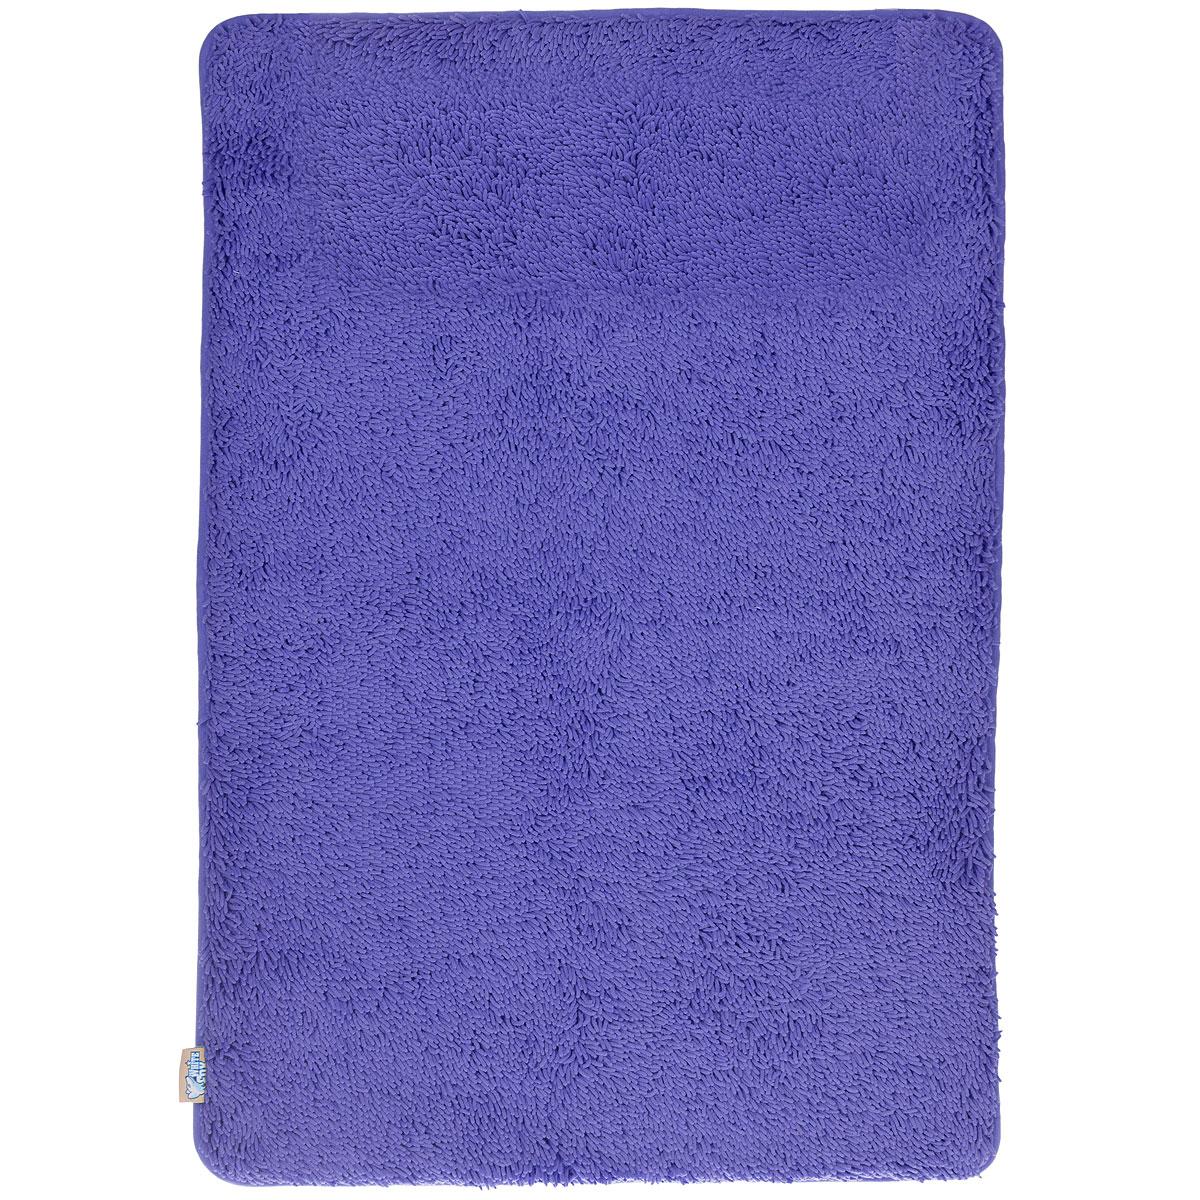 Коврик для ванной White Fox Relax, цвет: синий, 60 см х 90 смWBCH10-291Коврик для ванной White Fox Relax с ворсом подарит настоящий комфорт до и после принятия водных процедур. Коврик состоит из трех слоев: - верхний флисовый слой прекрасно дышит, благодаря чему коврик быстро высыхает; - основной слой выполнен из специального вспененного материала, который точно повторяет рельеф стопы, создает комфорт и полностью восстанавливает первоначальную форму; - нижний резиновый слой препятствует скольжению коврика на влажном полу.Коврик White Fox Relax с ворсом равномерно распределяет нагрузку на всю поверхность стопы, снимая напряжение и усталость в ногах. Рекомендации по уходу: - можно стирать в стиральной машине при +30°C; - не отбеливать; - не гладить; - можно подвергать химчистке; - деликатные отжим и сушка.Высота ворса: 1,3 см.